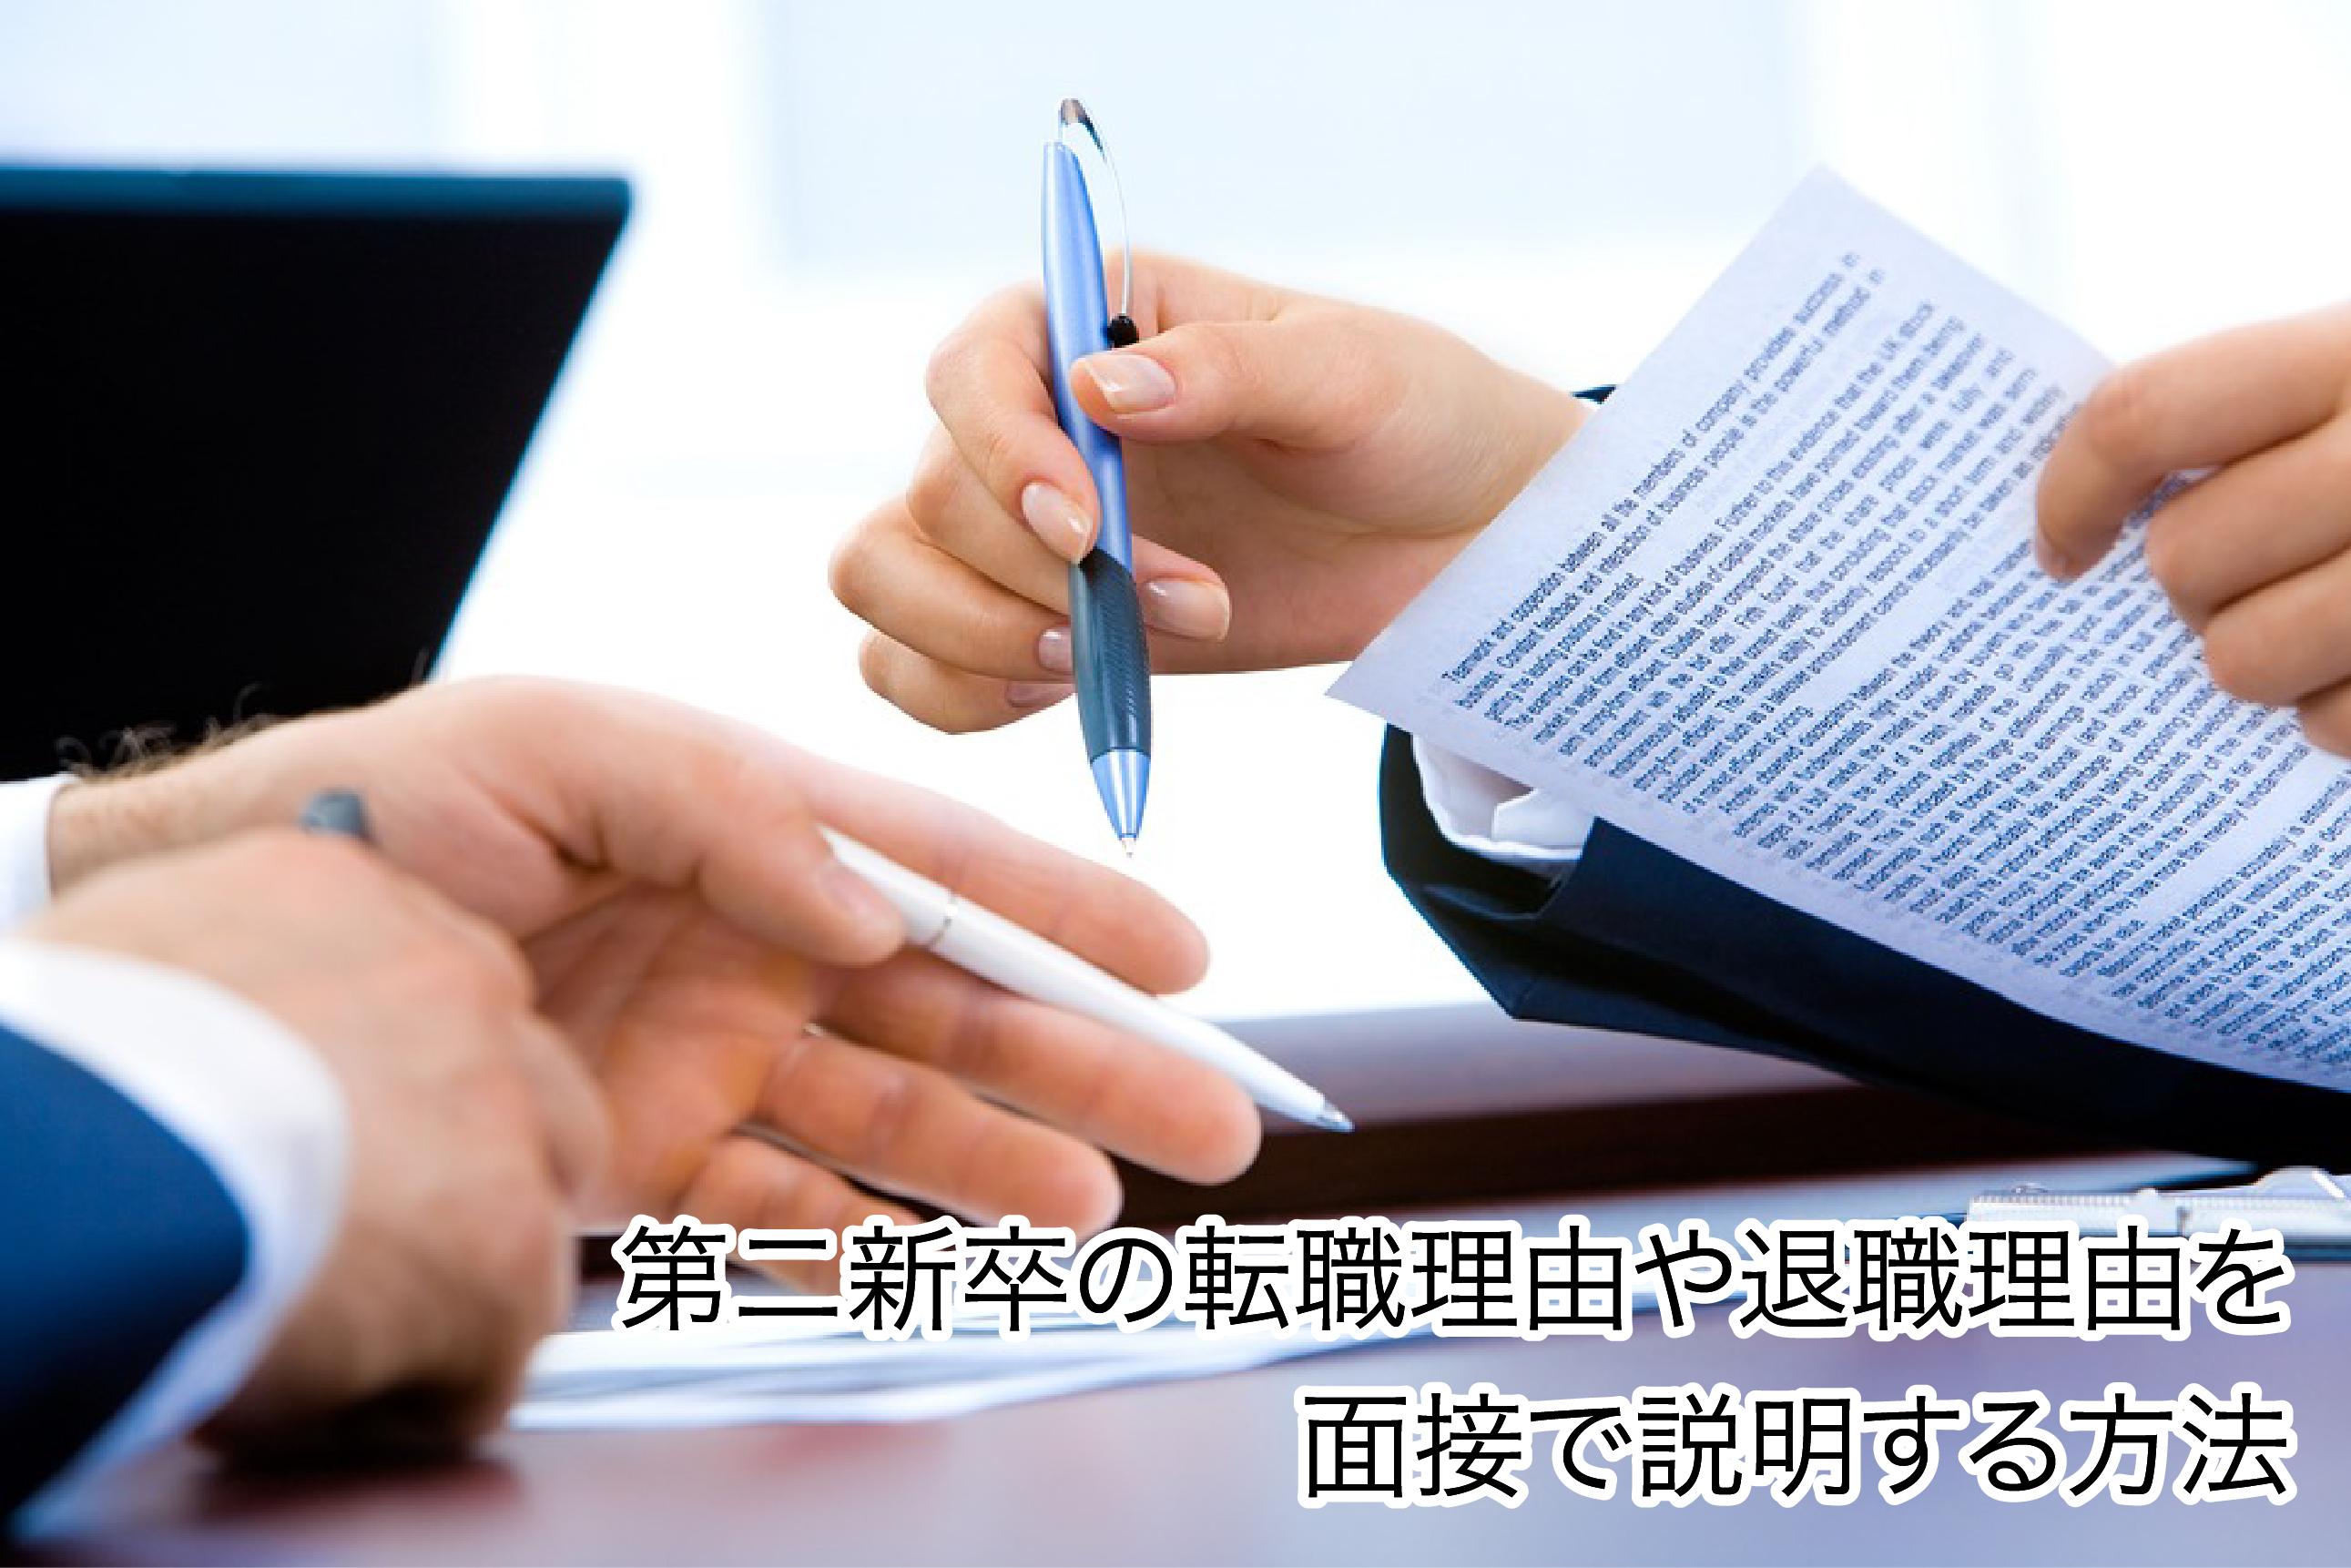 第二新卒が退職理由や転職理由を面接で説明する方法【例文つき】